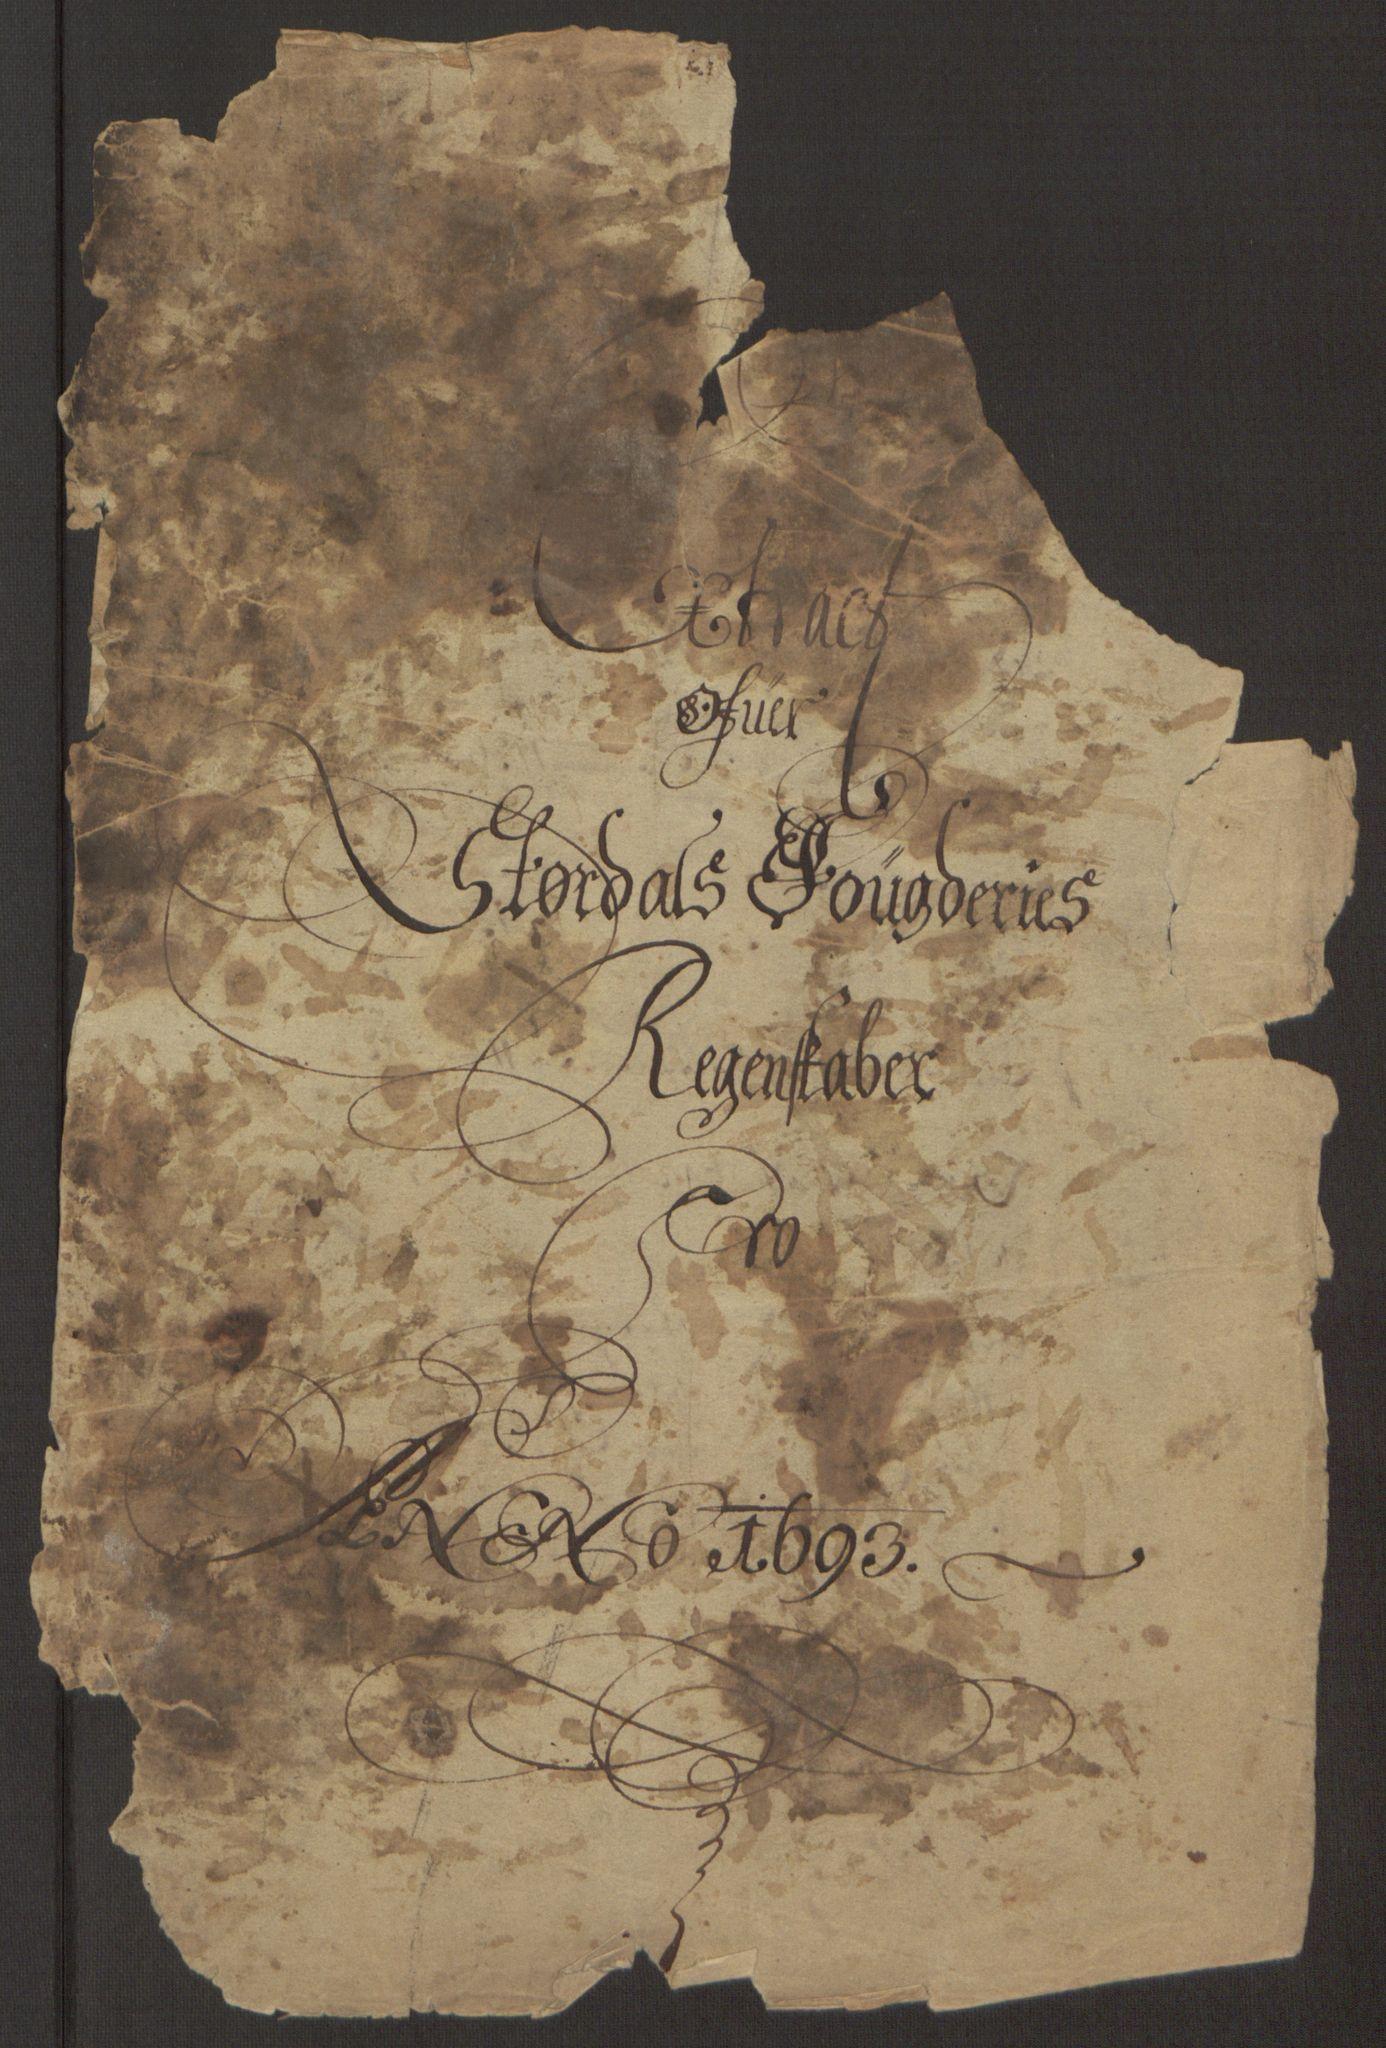 RA, Rentekammeret inntil 1814, Reviderte regnskaper, Fogderegnskap, R62/L4186: Fogderegnskap Stjørdal og Verdal, 1693-1694, s. 4